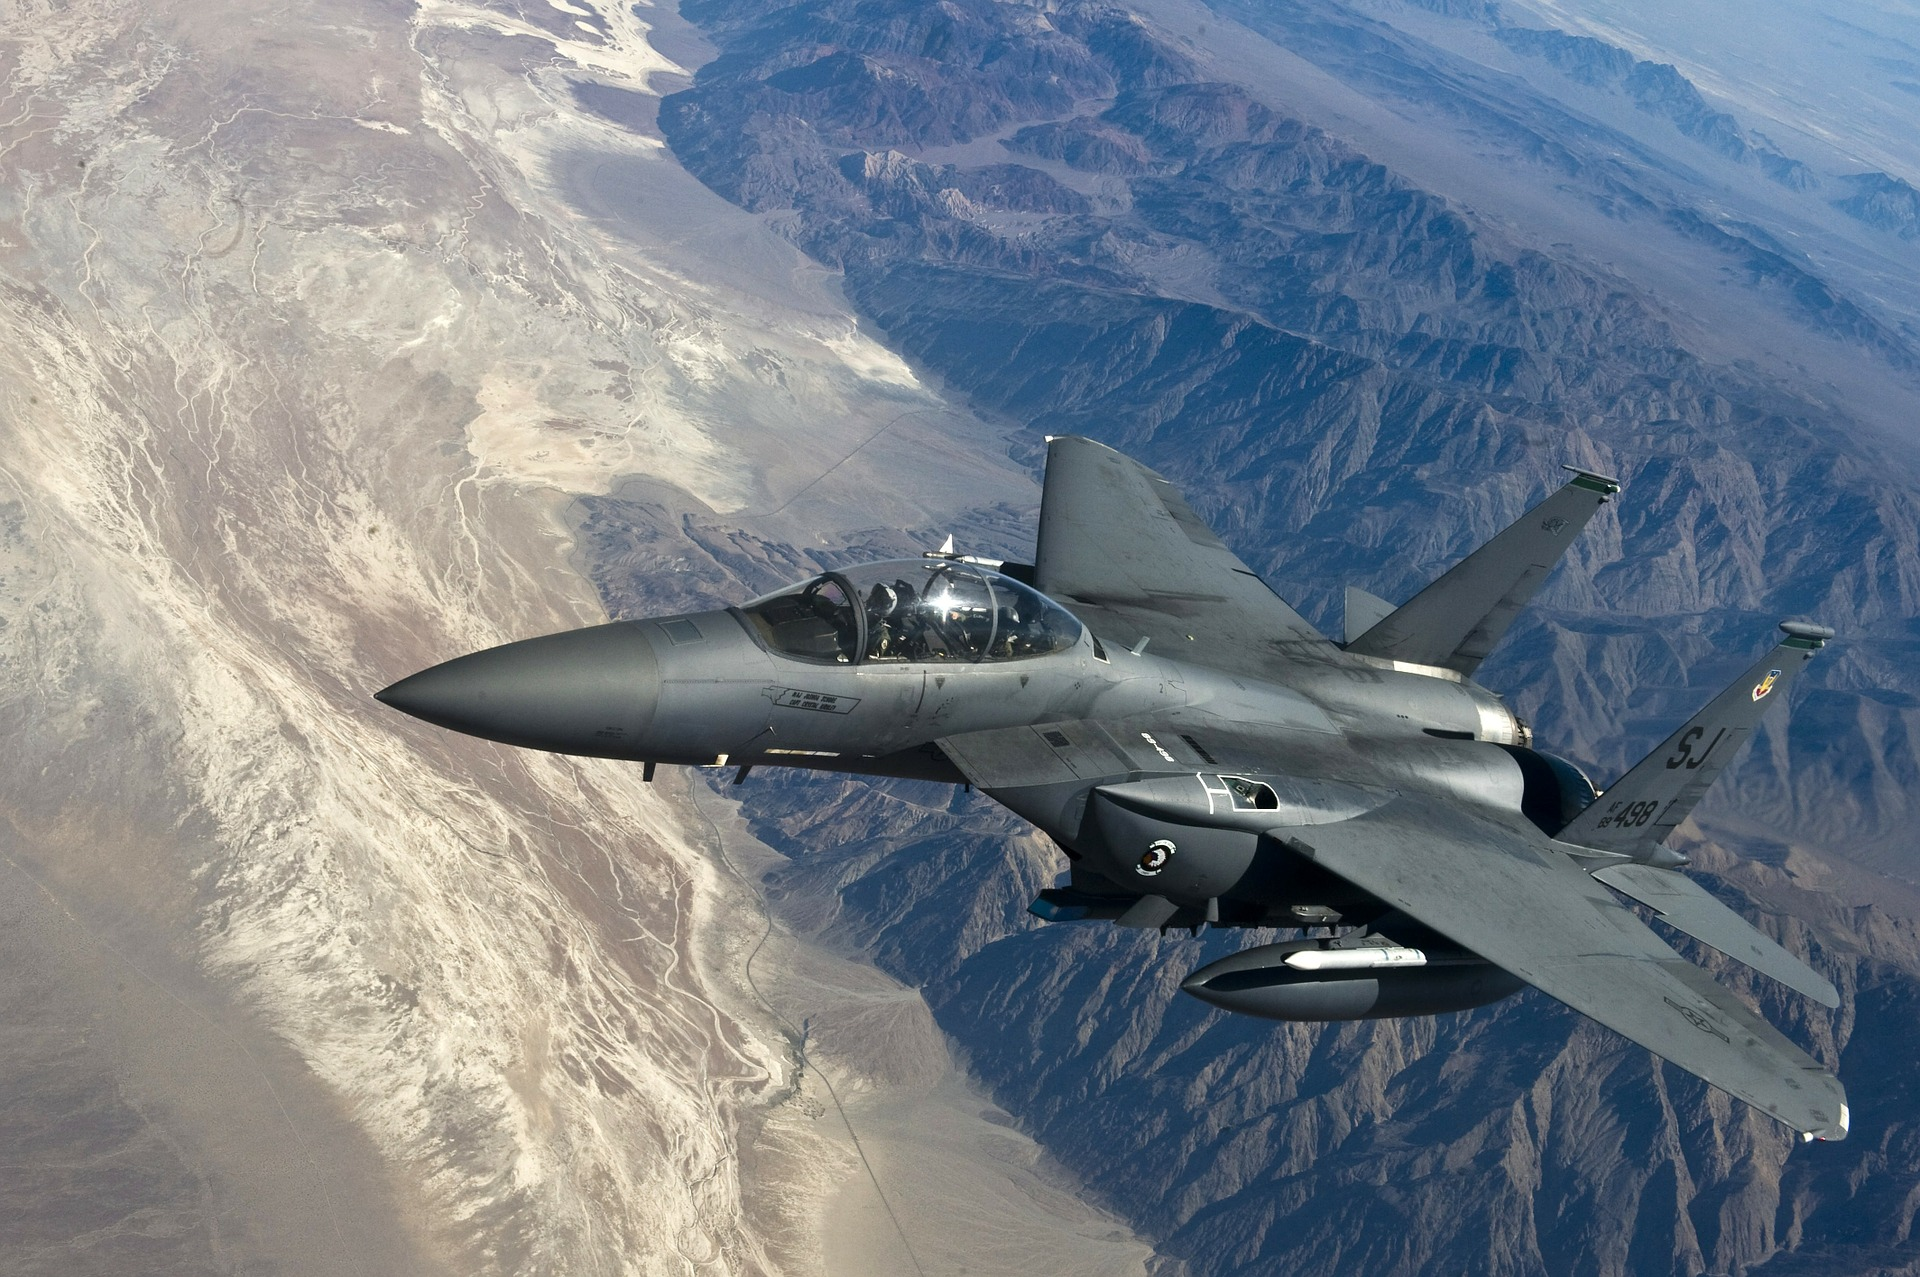 aviões, caça, bombardeiro, voar, piloto, cabine, velocidade - Papéis de parede HD - Professor-falken.com